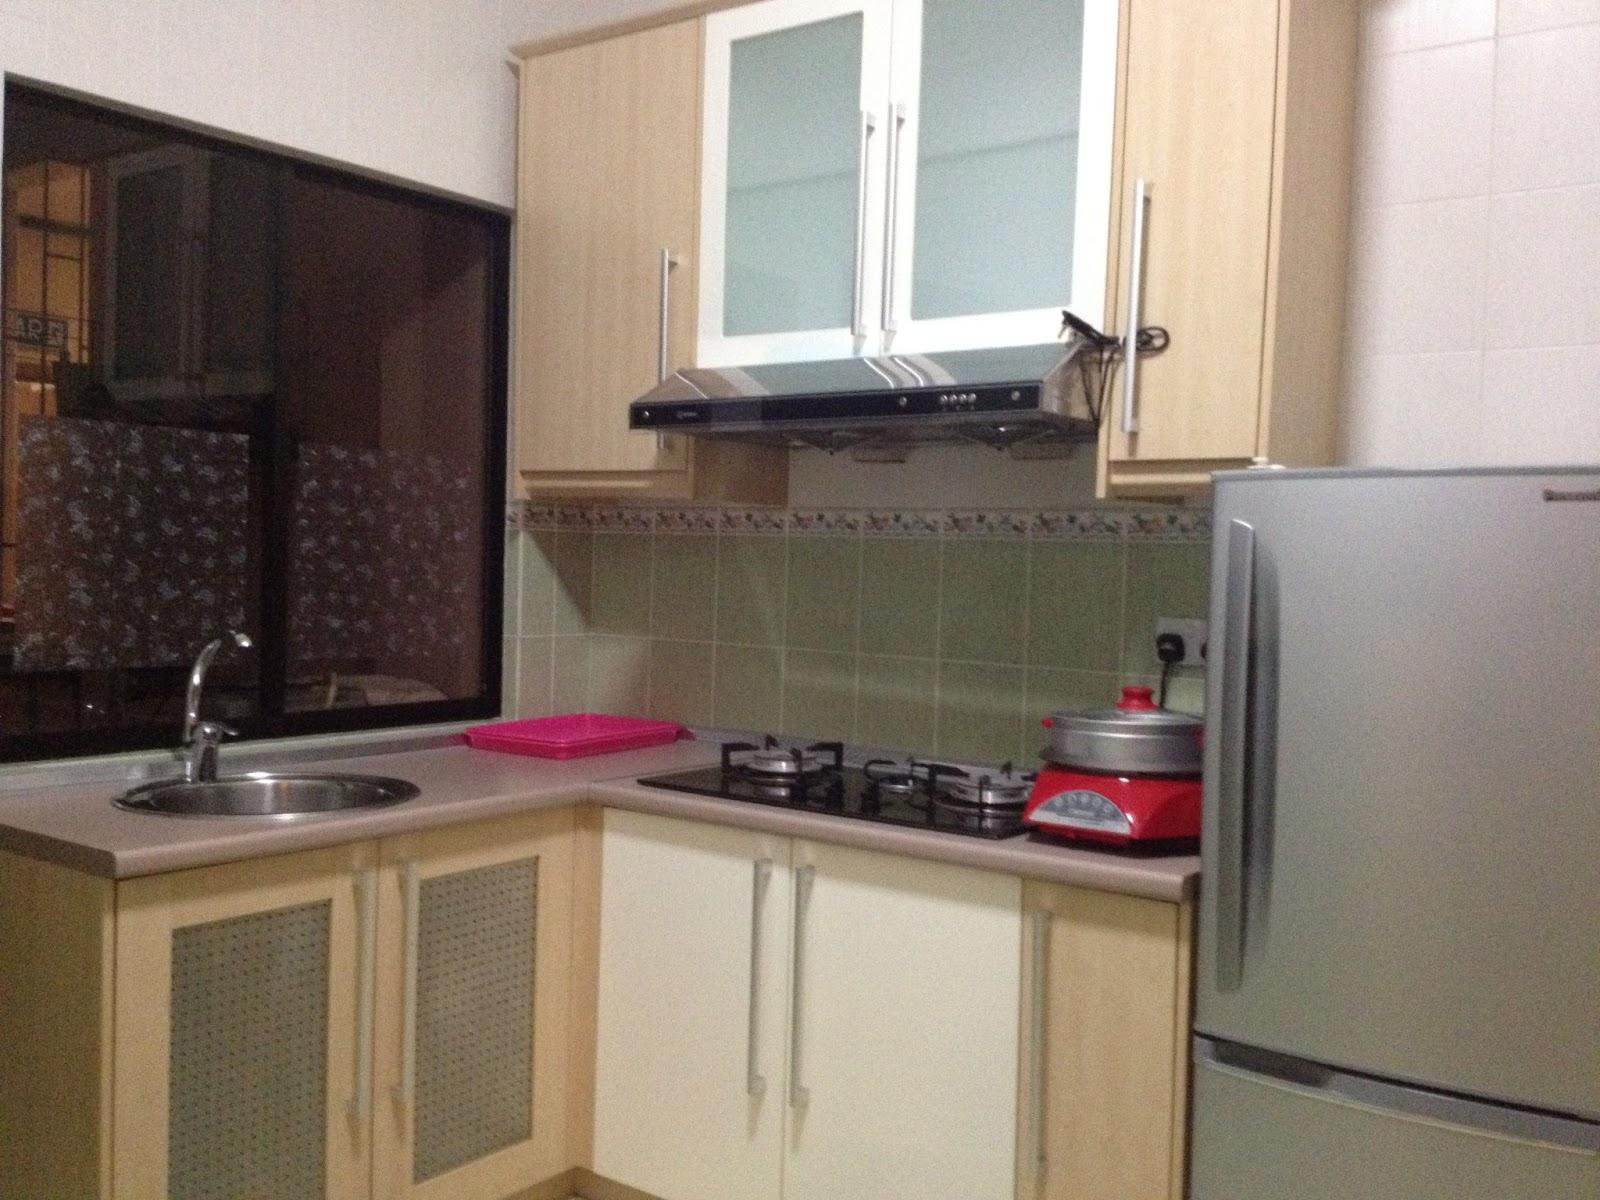 Qq boutique service apartment bali suite pool view 3 bedrooms apartment - Bank kitchenette ...